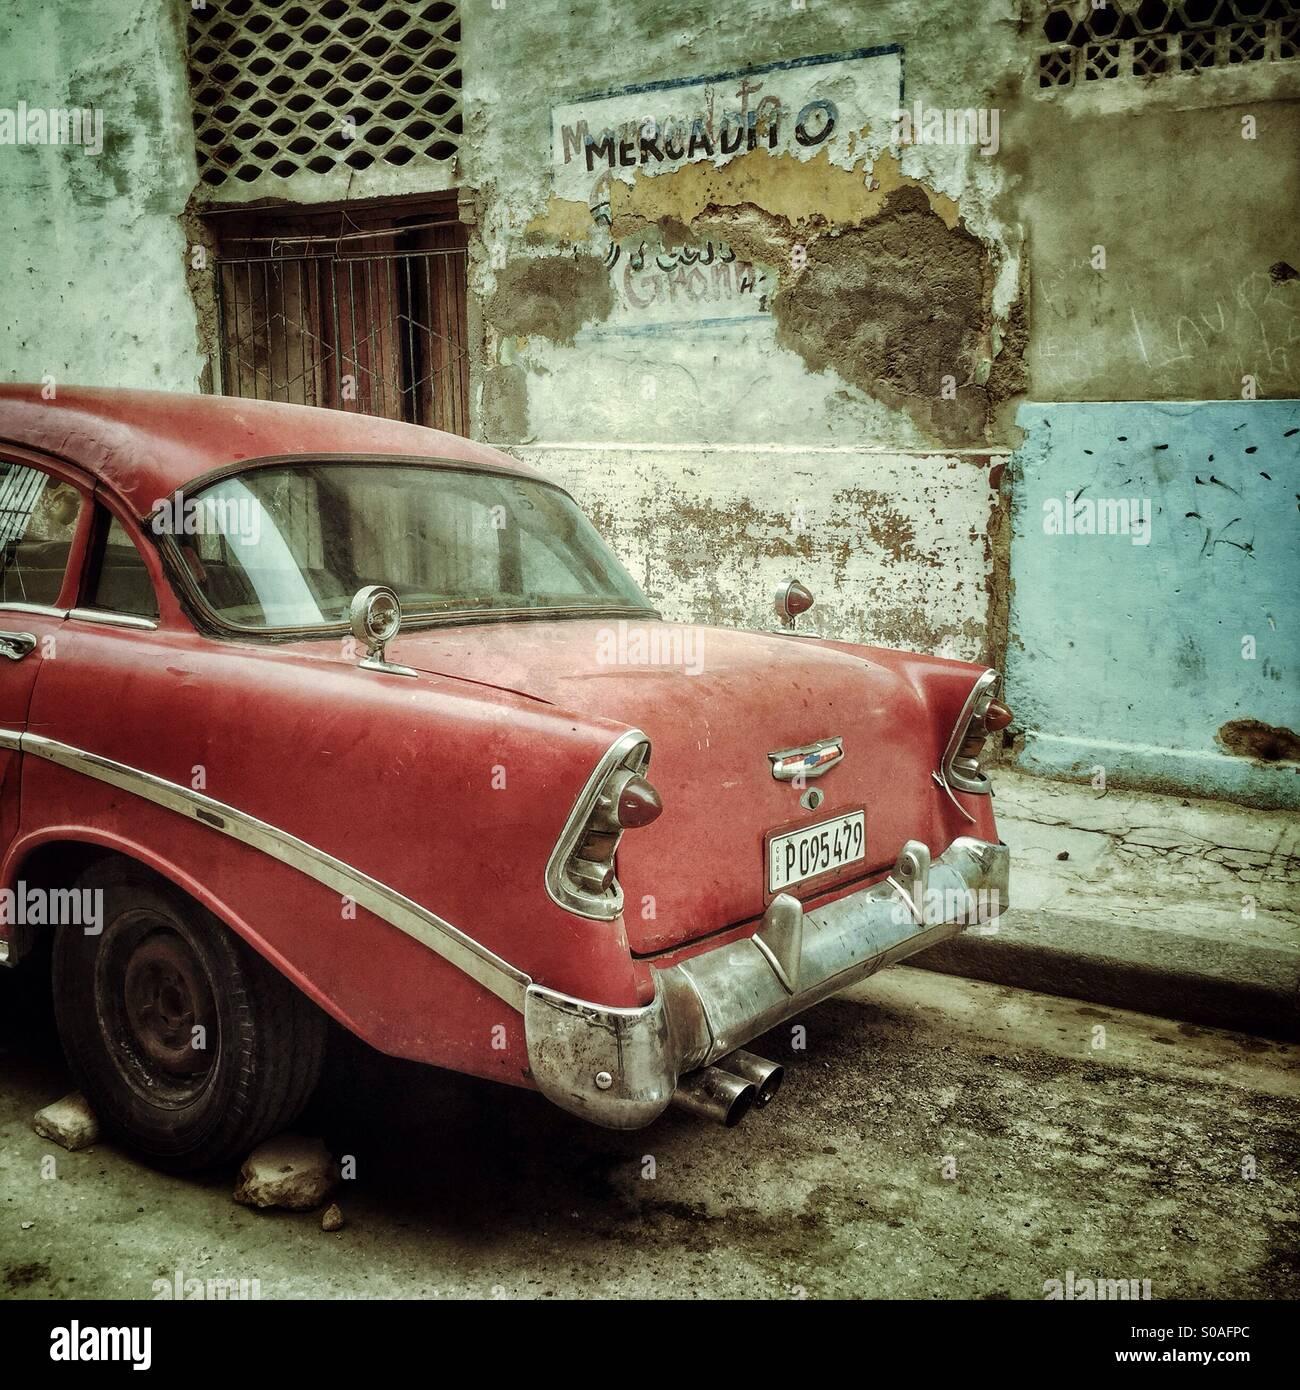 Rückansicht eines roten Jahrgang kubanische Auto, mit einem Peeling lackiert verfallende Außenwand geparkt. Stockbild